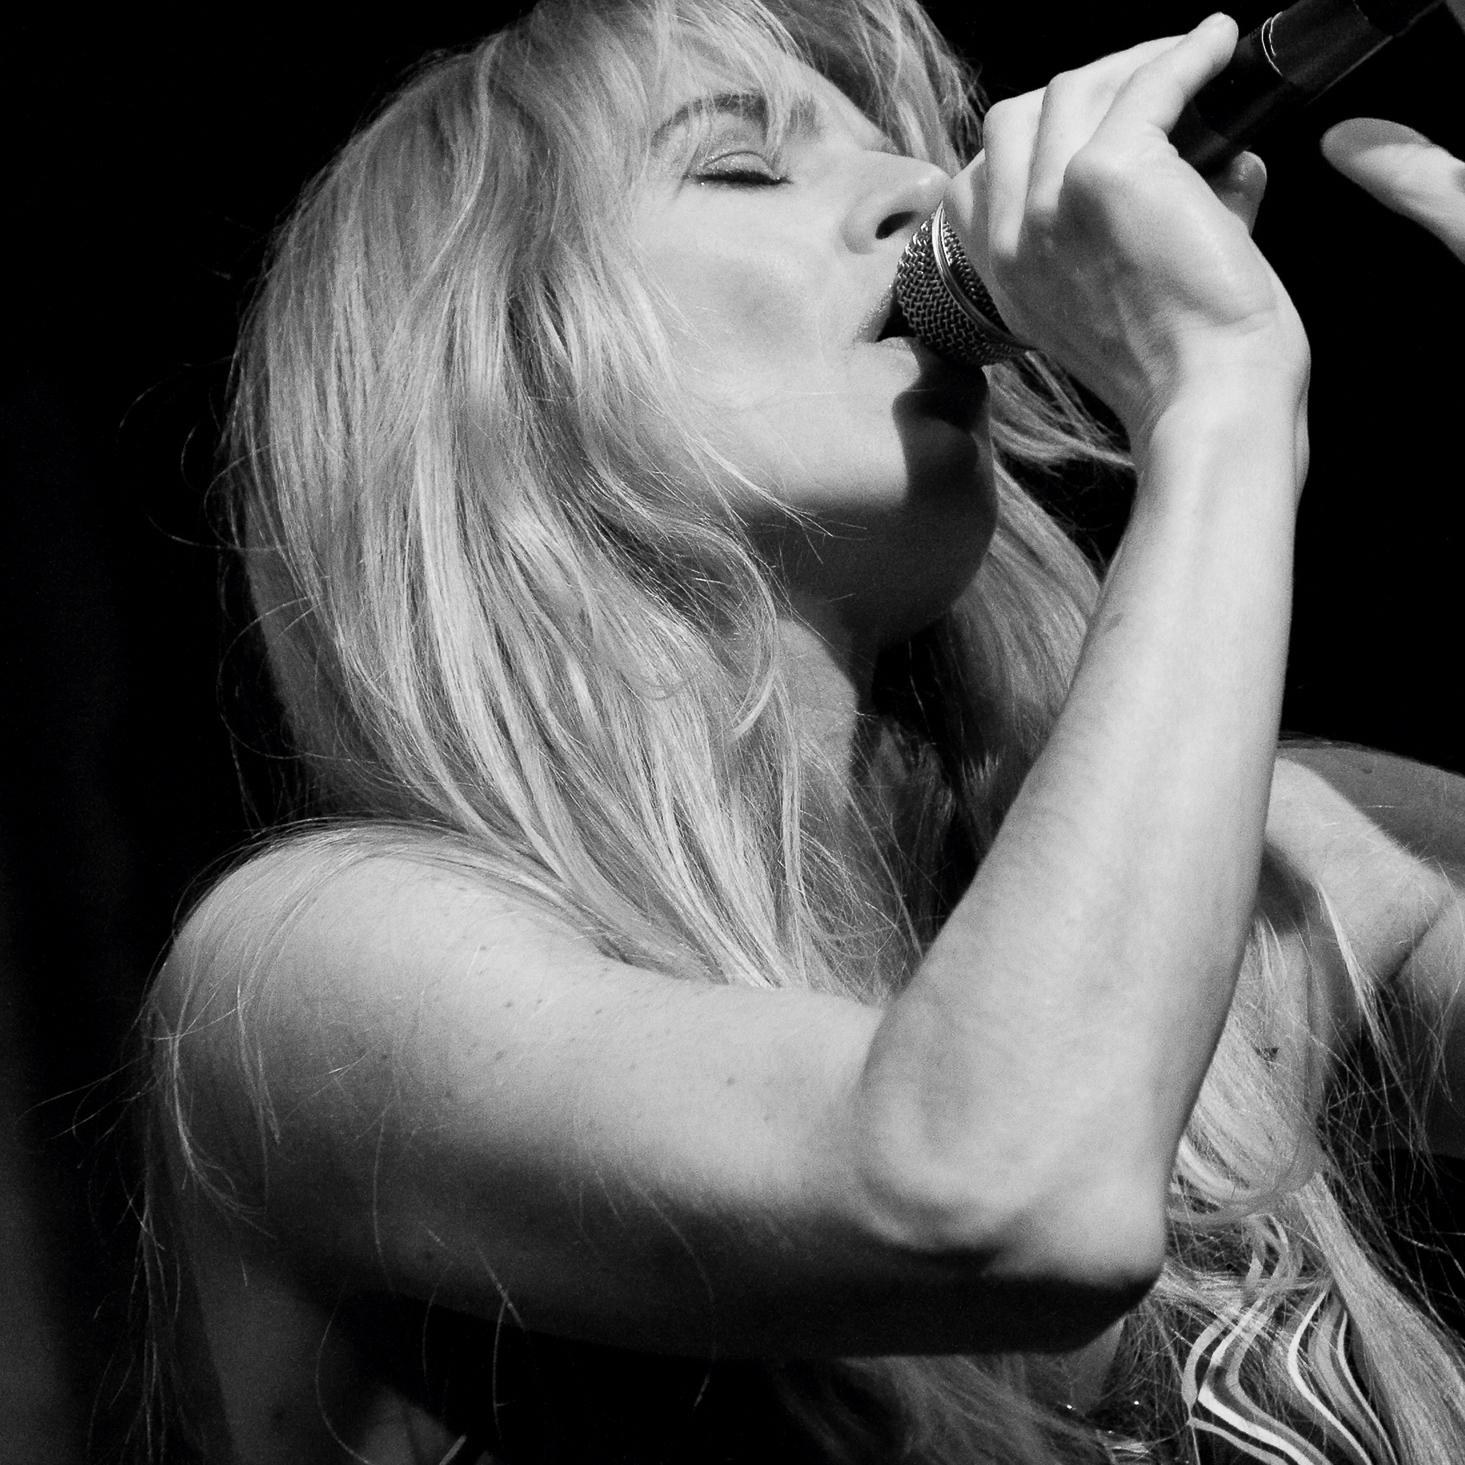 http://www.carmengomes.com/ : 1 oktober, 26 november en 17 december. Op vrijdag 3 november is er een speciale uitvoering ivm haar nieuwe cd.